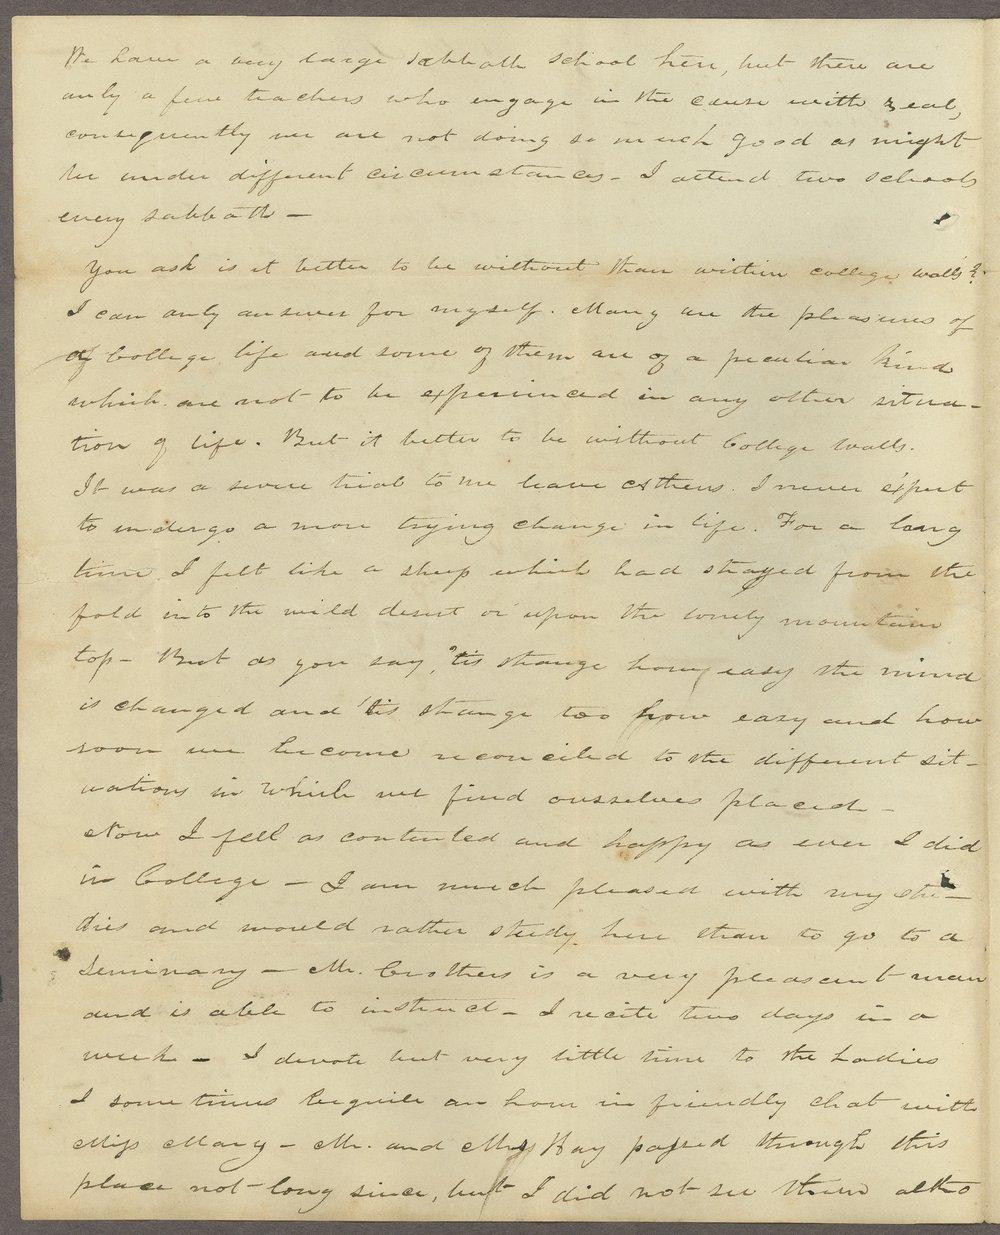 I. T. Irwin to Lewis Allen Alderson - 2